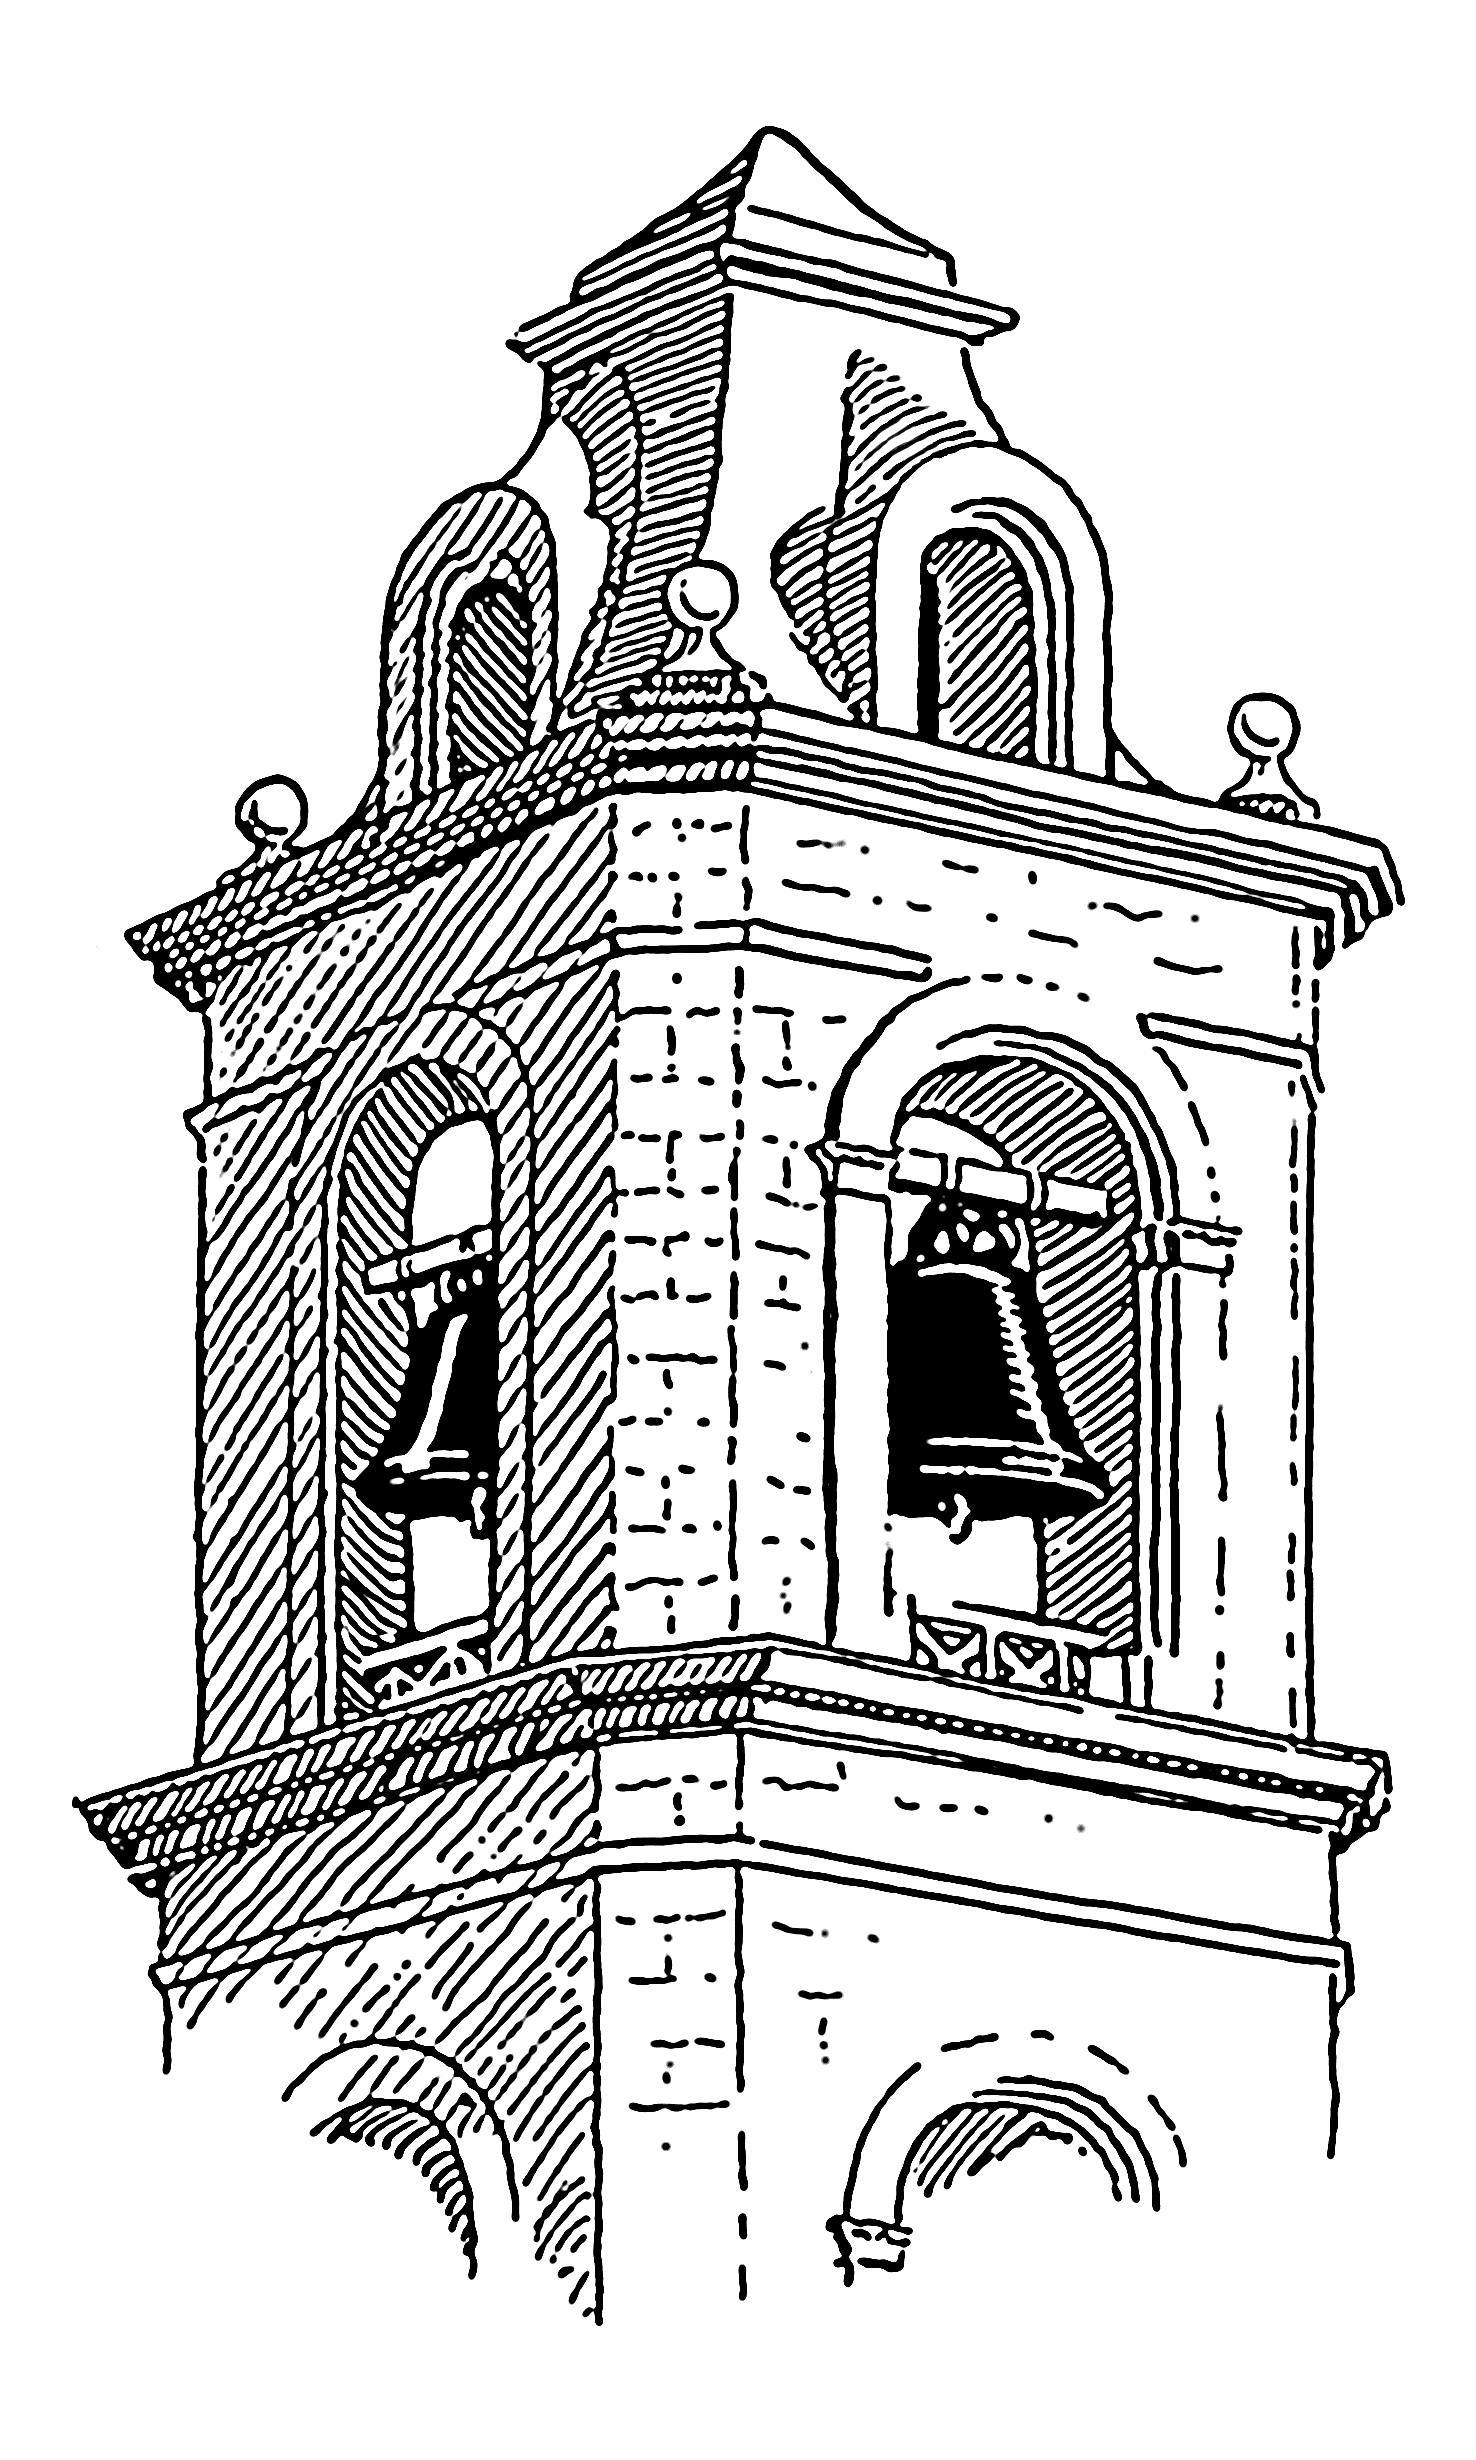 Dessin d 39 un clocher d 39 glise - Eglise dessin ...